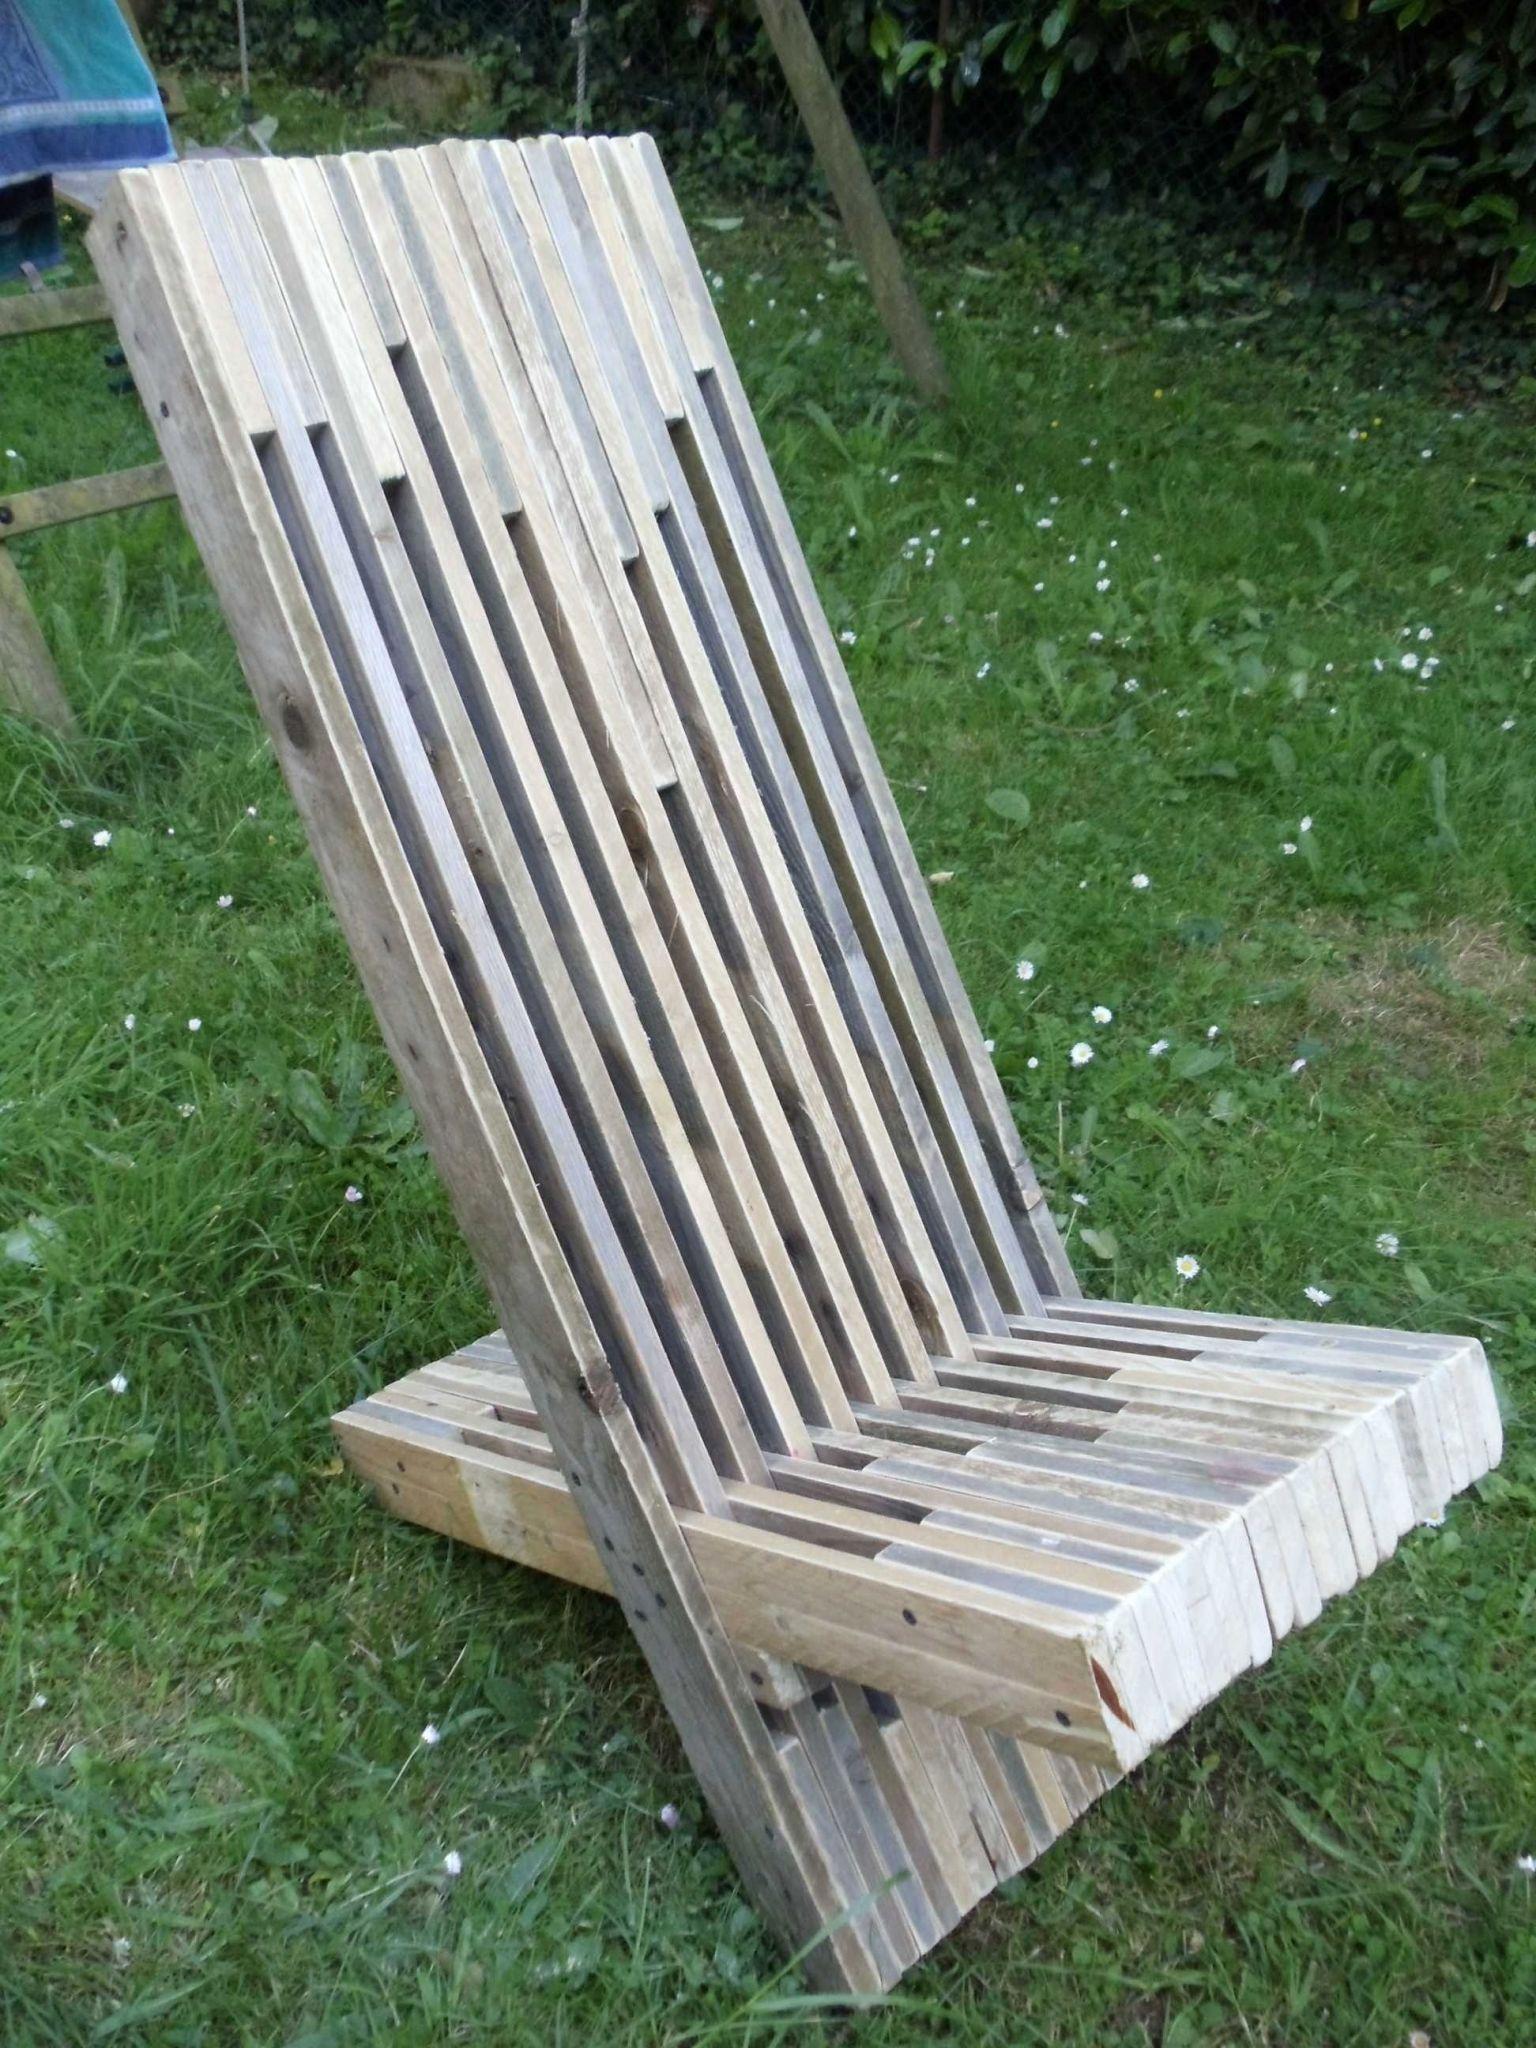 chaises longues jardin ou chaise longue castorama unique chaise longue jardin pas cher de chaises longues jardin